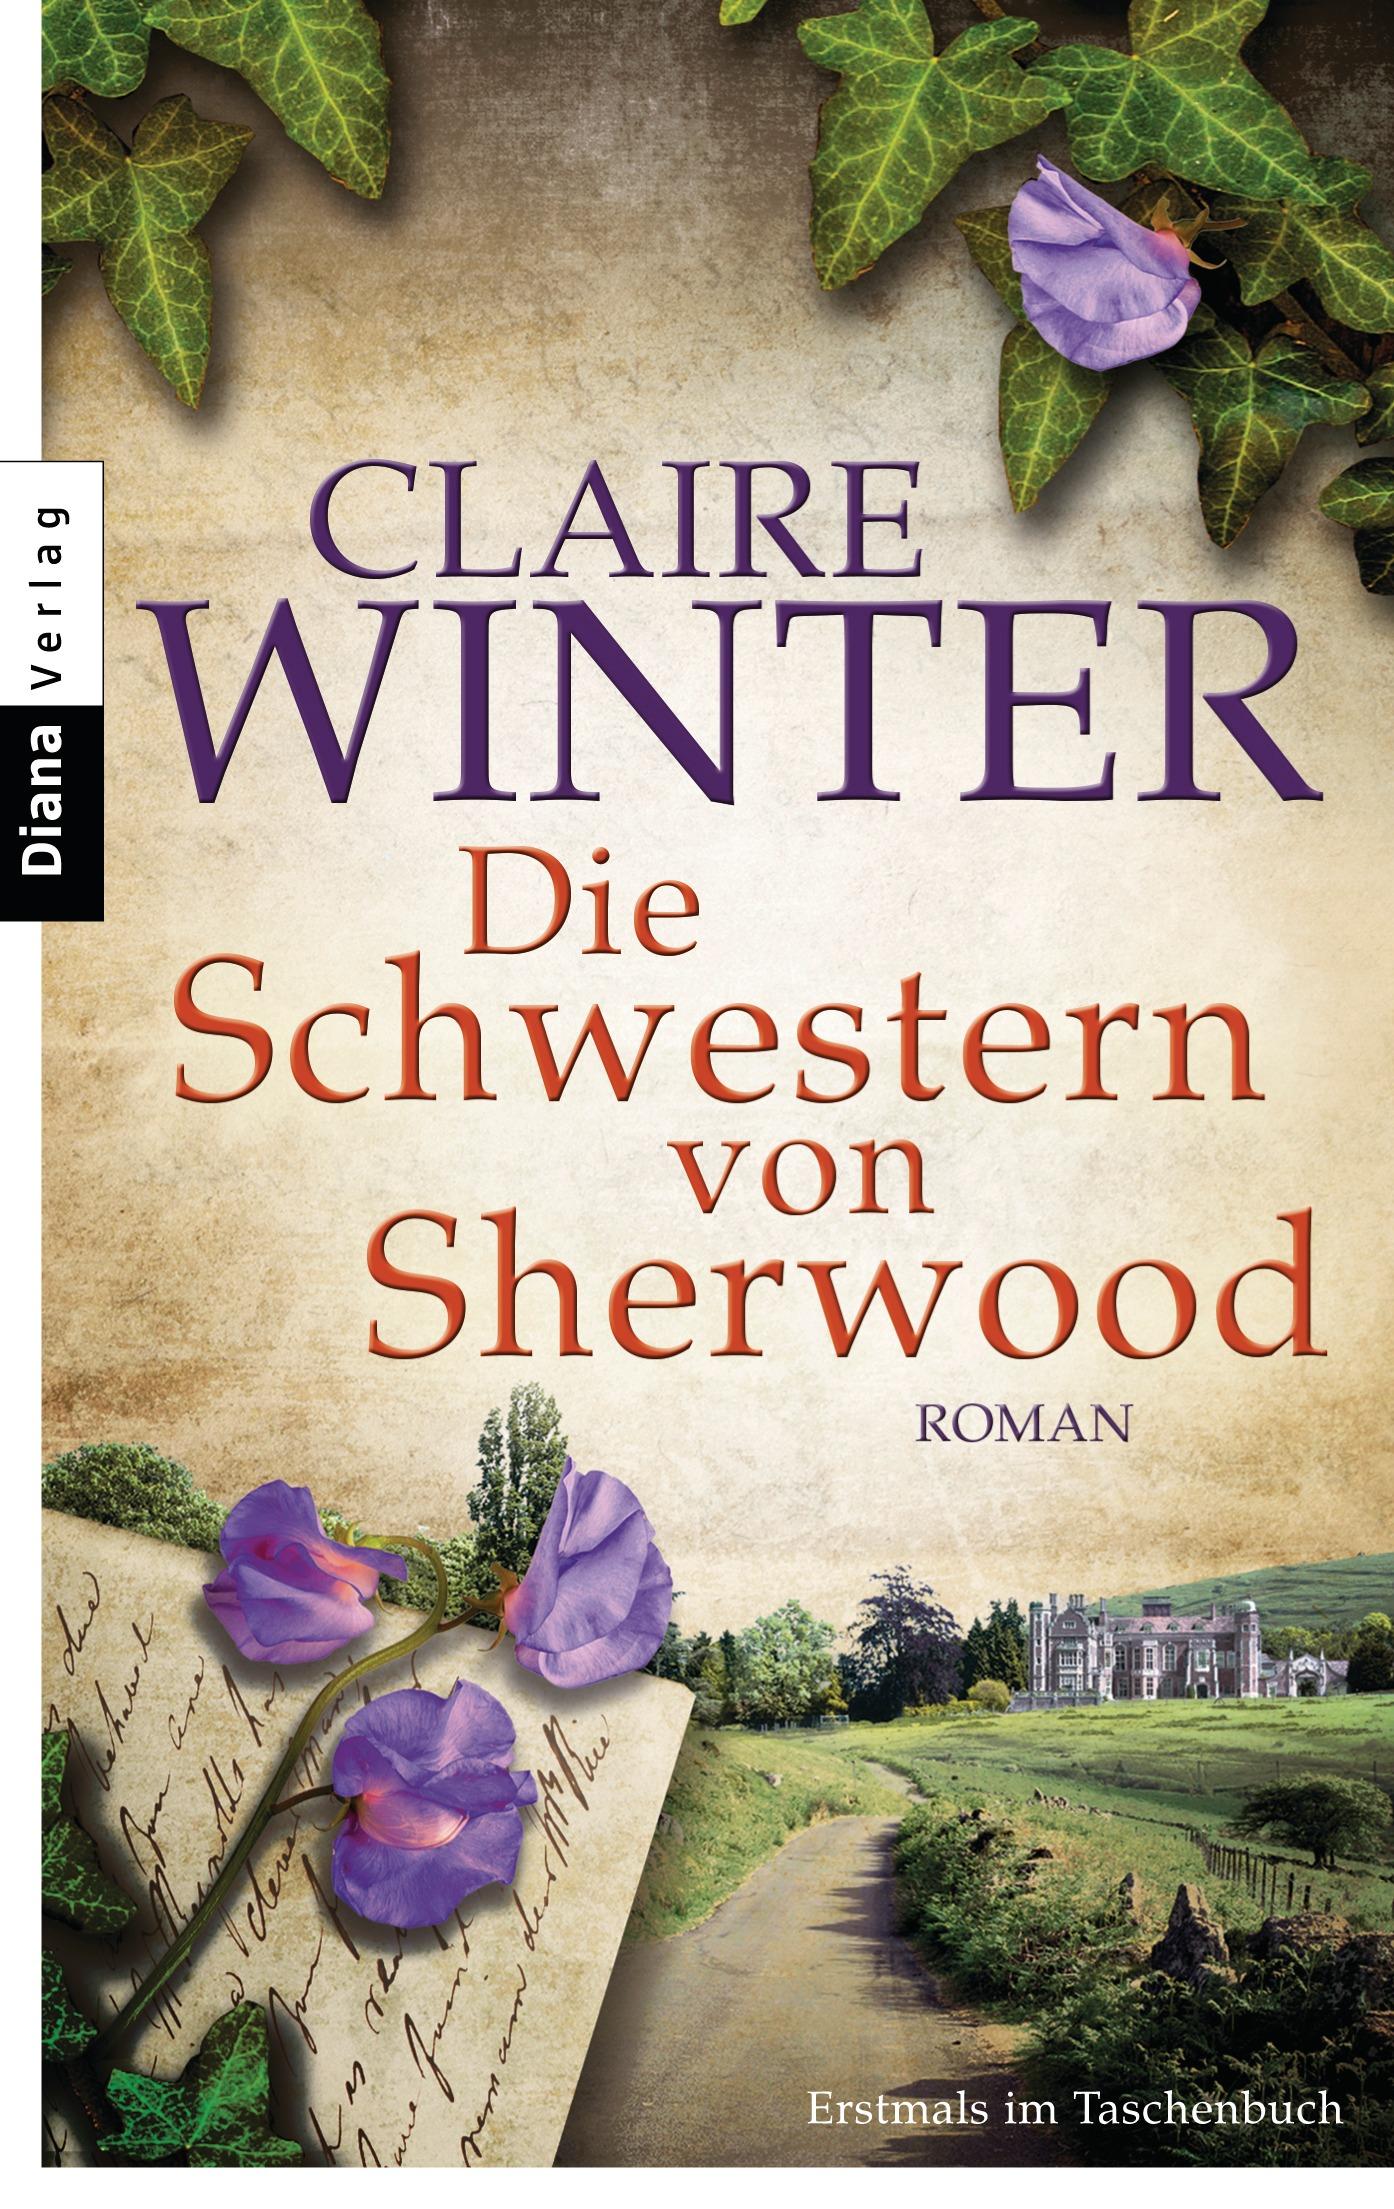 Die Schwestern von Sherwood - Claire Winter [Taschenbuch]